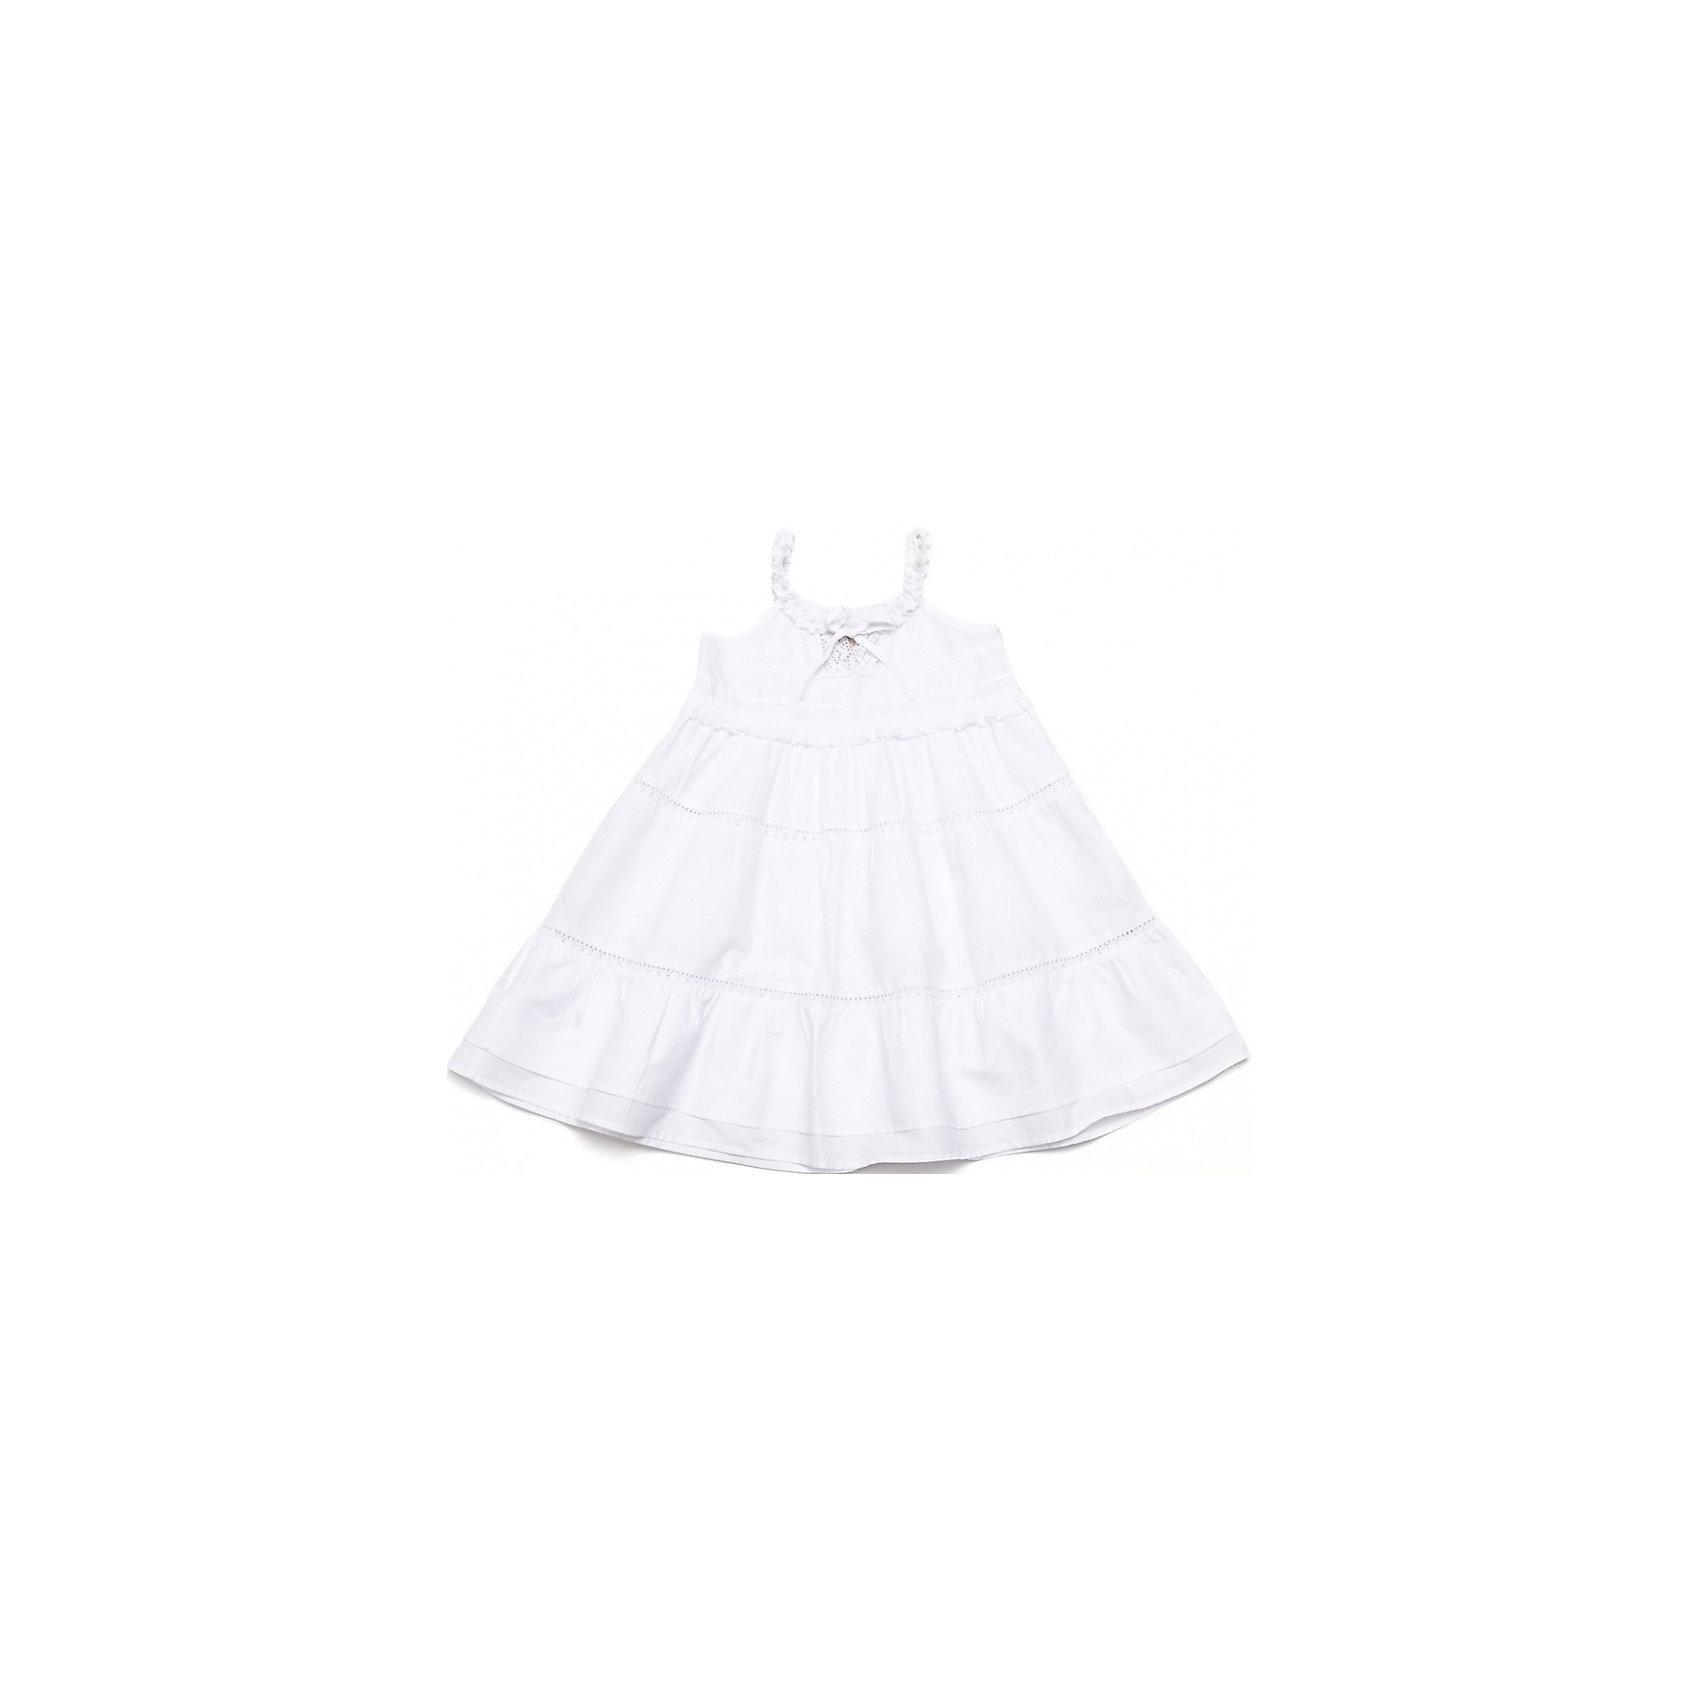 Платье PlayTodayМягкий сарафан из чистого хлопка. Легкий и нежный, как облачко. Украшен кружевами и отрезными кокетками, подол двойной. Сбоку застежка-молния. Состав: 100% хлопок<br><br>Ширина мм: 236<br>Глубина мм: 16<br>Высота мм: 184<br>Вес г: 177<br>Цвет: белый<br>Возраст от месяцев: 24<br>Возраст до месяцев: 36<br>Пол: Женский<br>Возраст: Детский<br>Размер: 98,128,122,110,104,116<br>SKU: 4652381